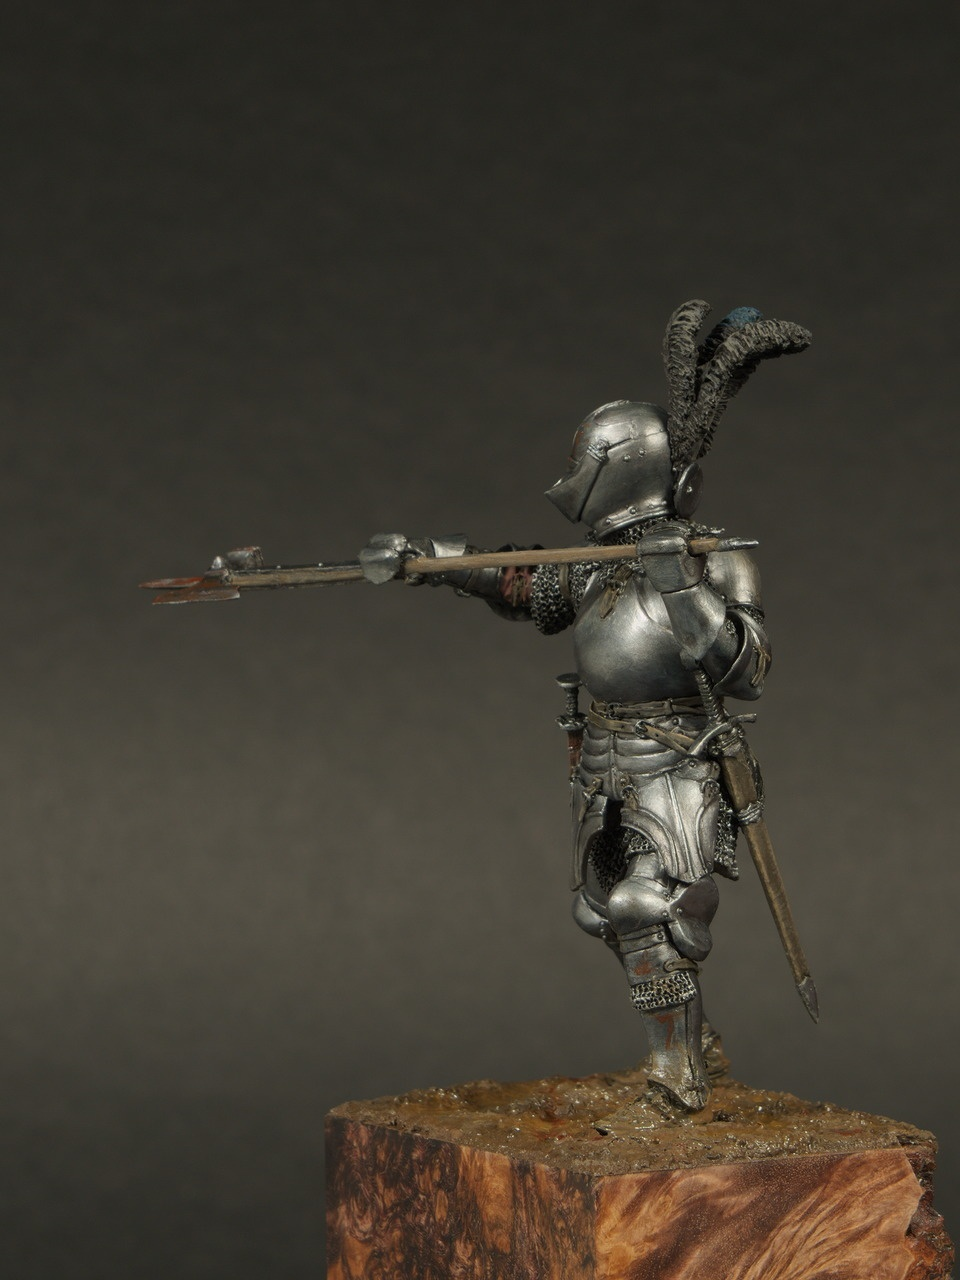 burgundian knight 15th century by alexey kazakov  u00b7 putty u0026paint